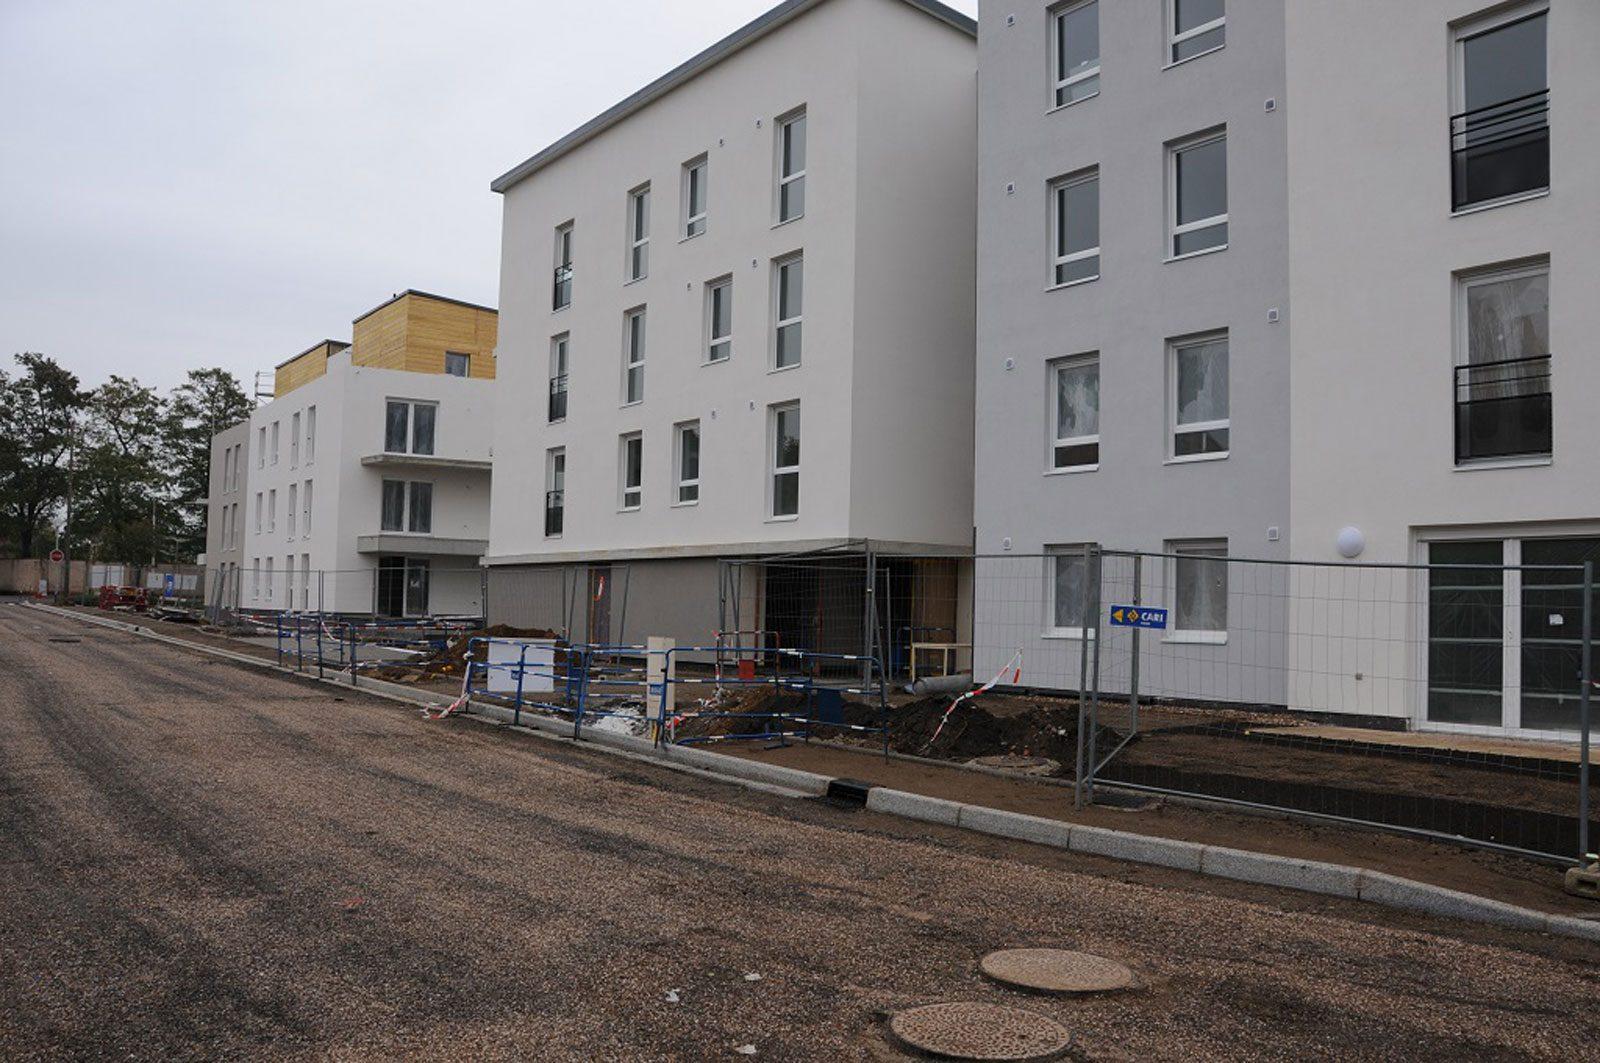 Montigny : le quartier Saint-Ladre métamorphosé, près de 100 logements bientôt livrés